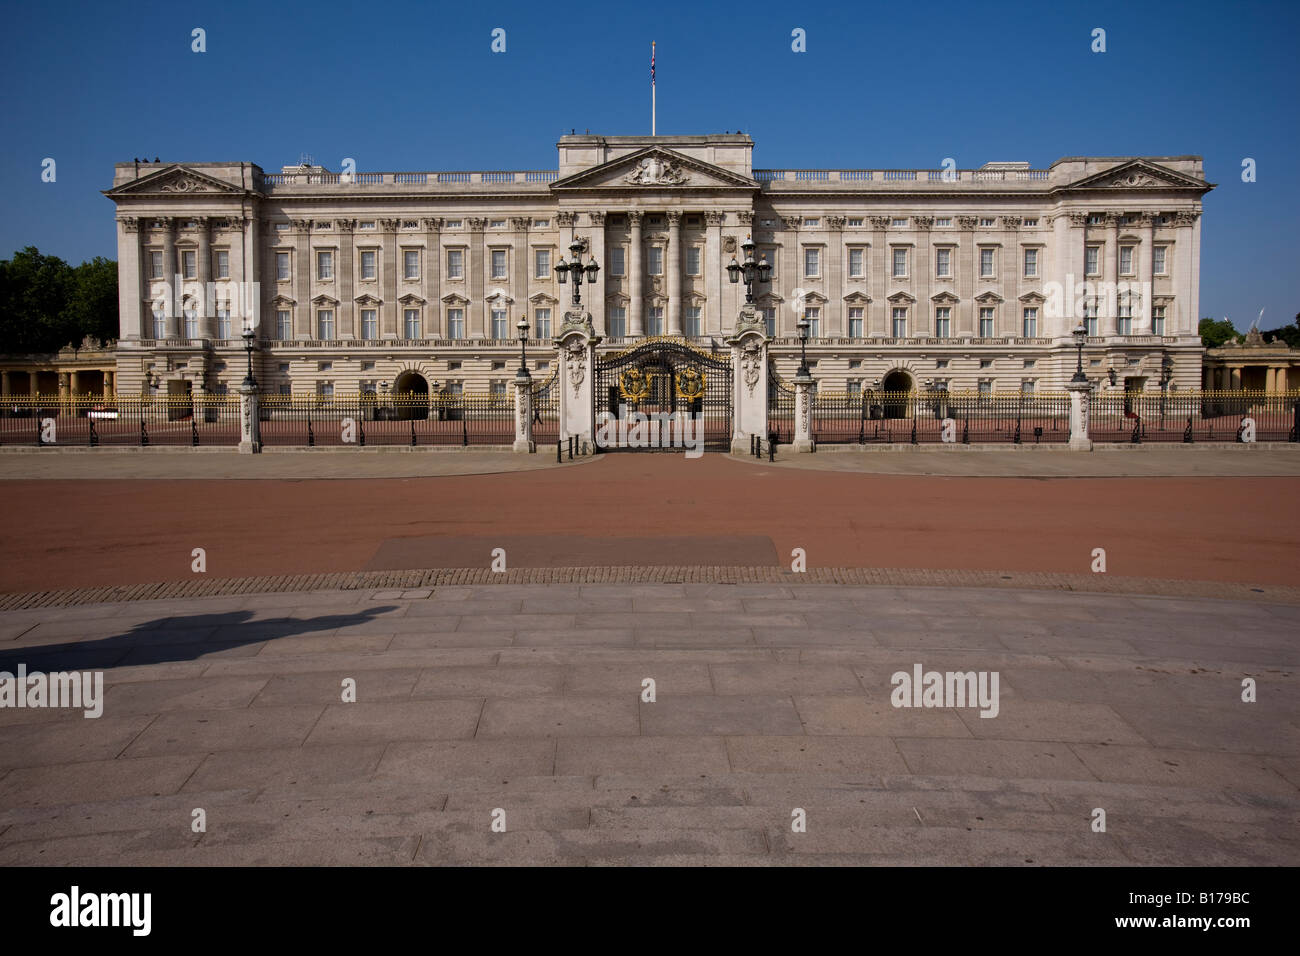 Buckingham Palace, königliche Residenz von Queen Elizabeth II wenn in London. Stockbild